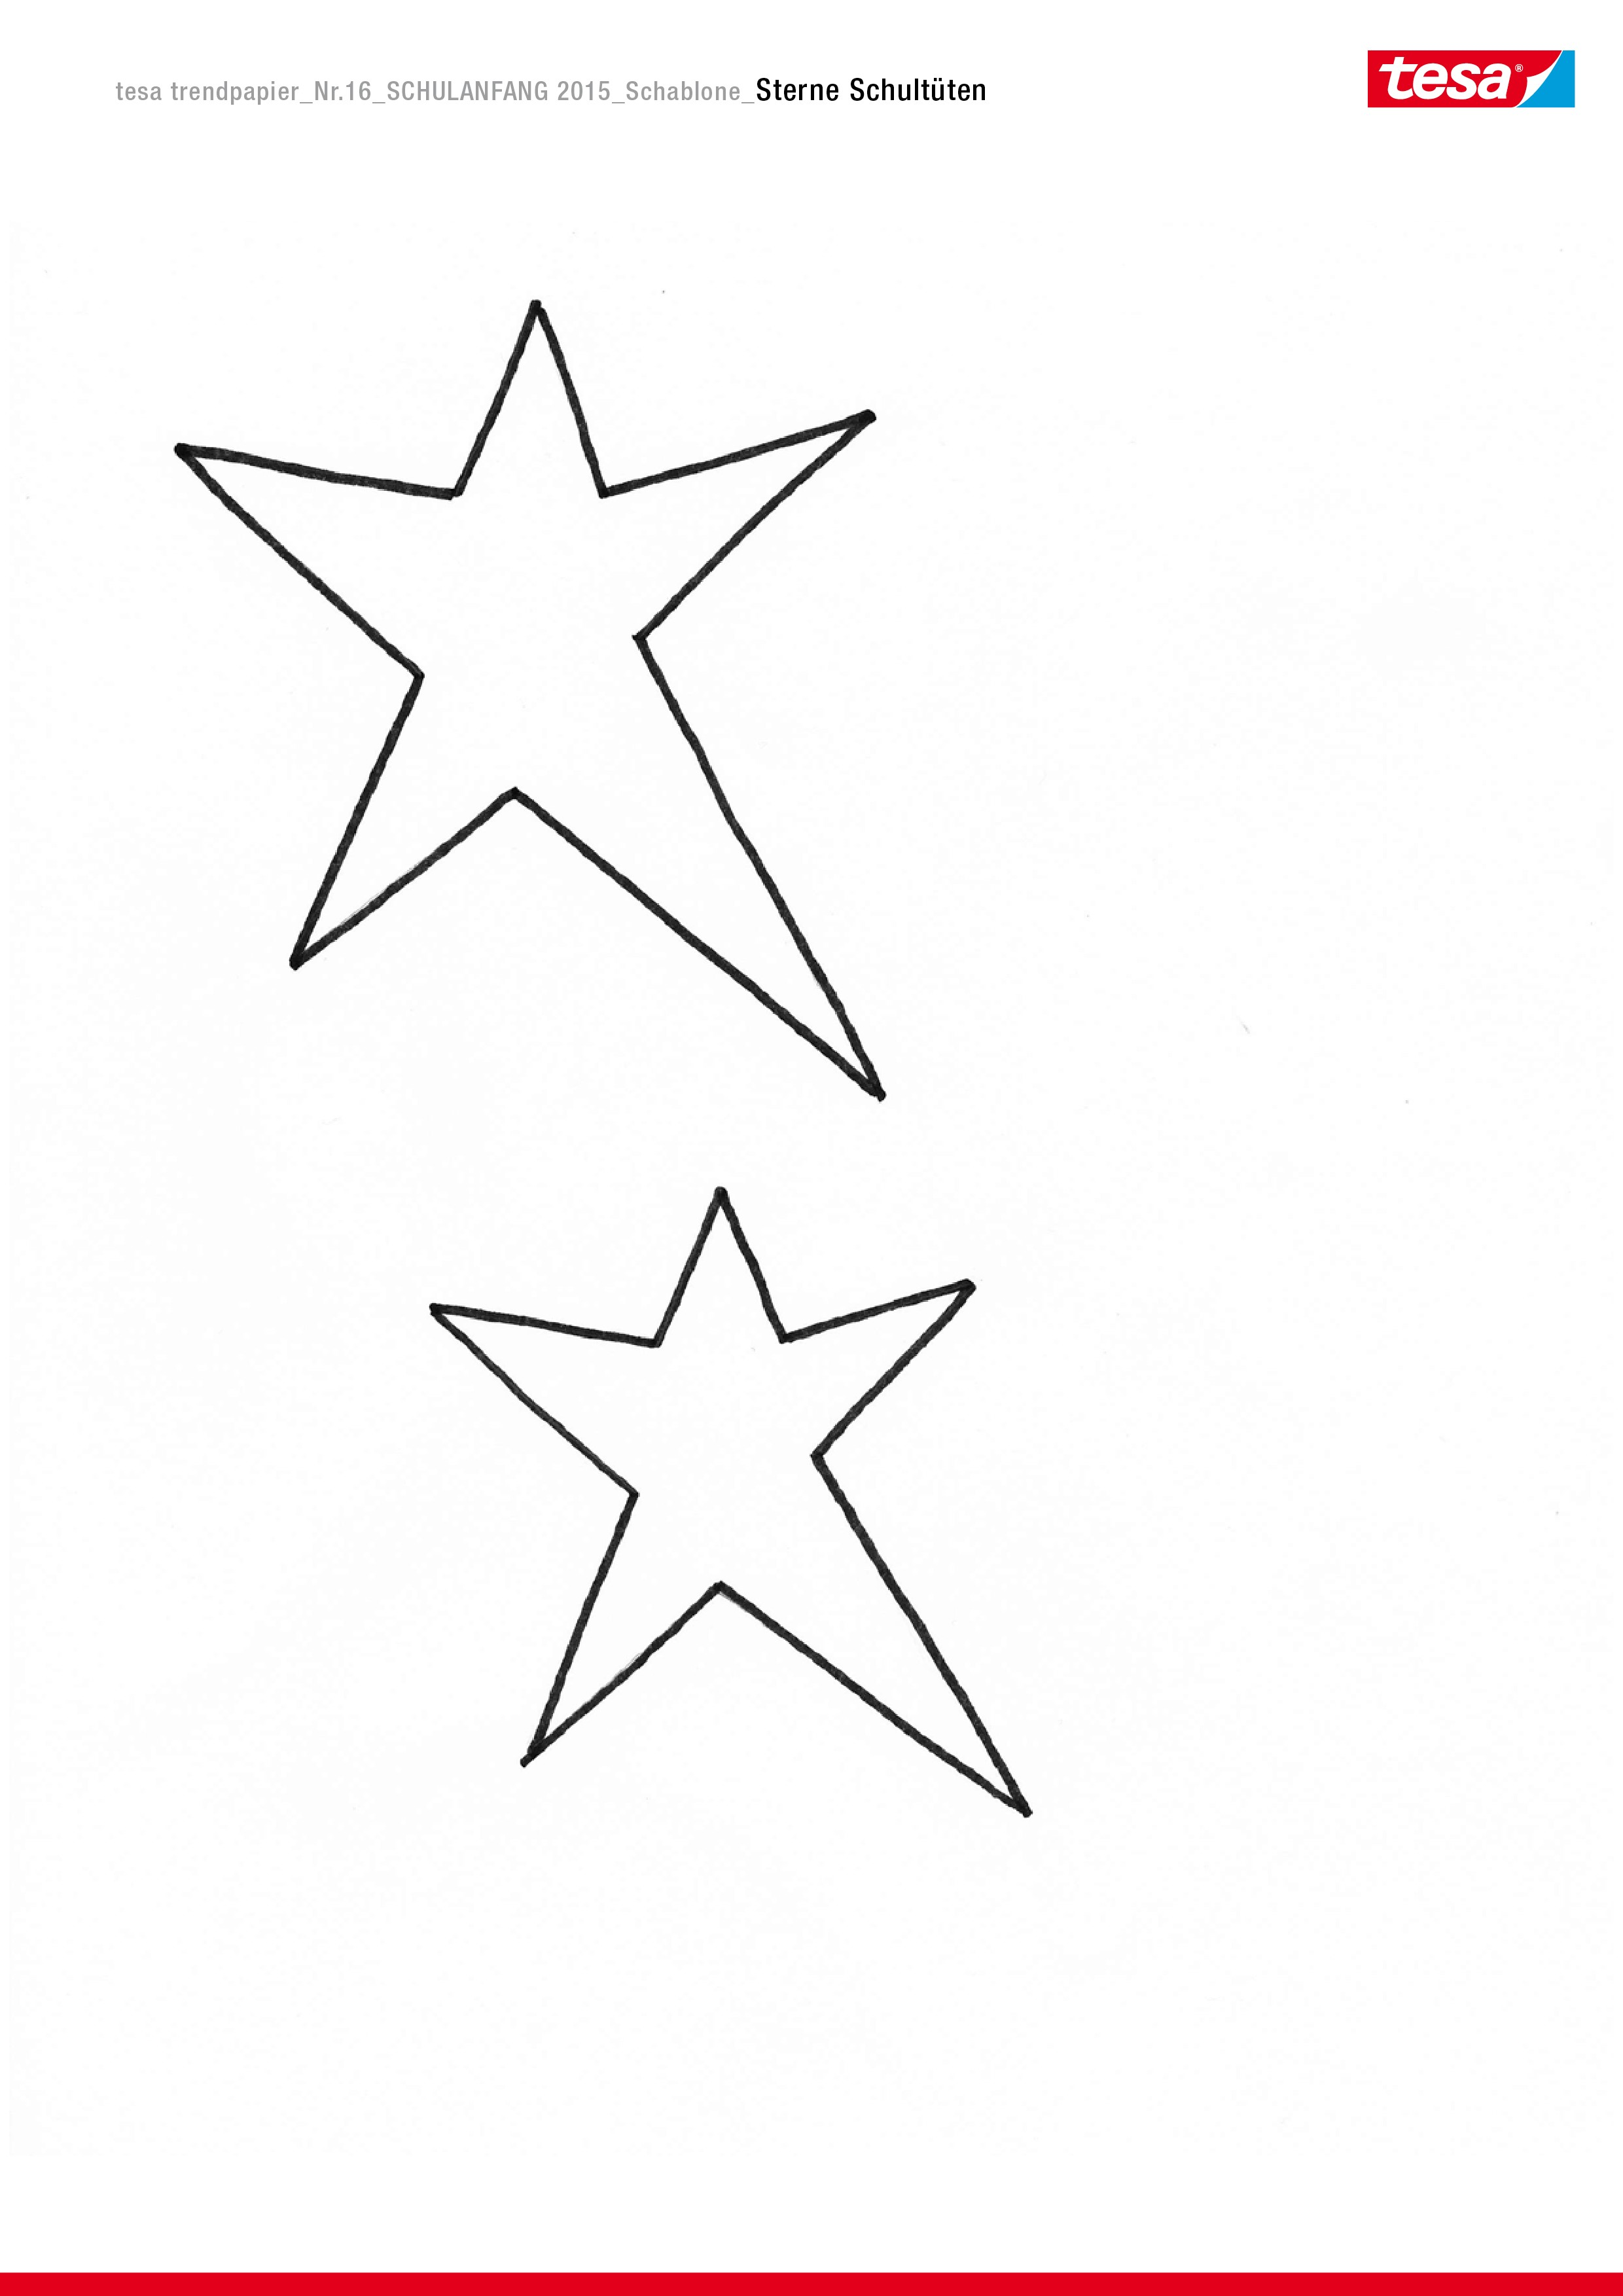 Erfreut 3d Sterne Vorlage Fotos - Beispiel Wiederaufnahme Vorlagen ...